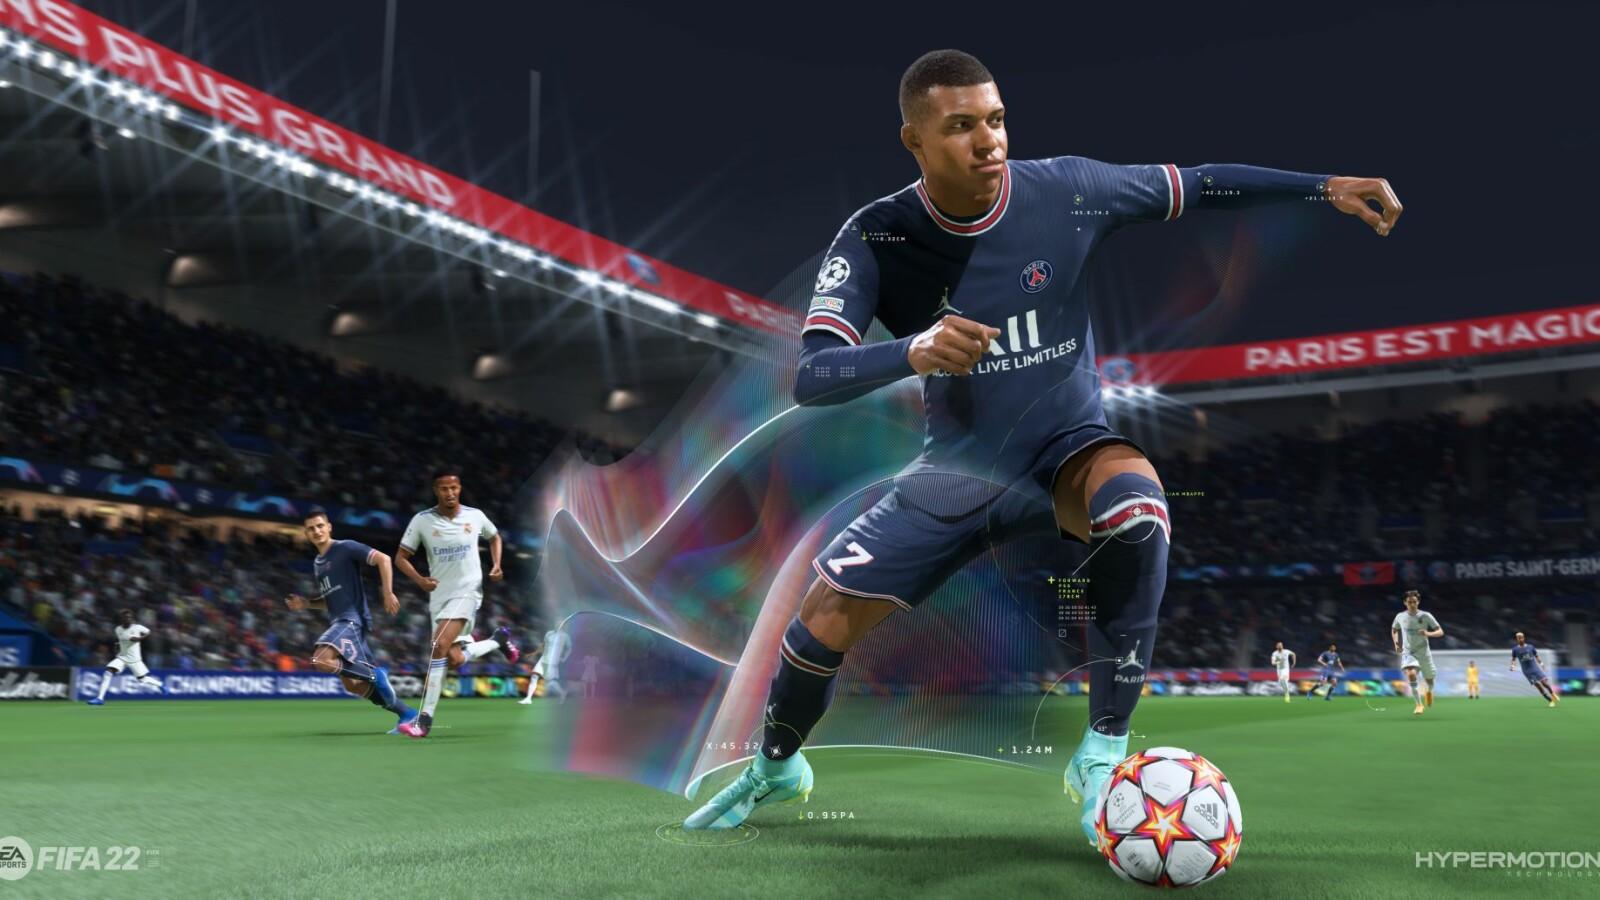 FIFA 22: Warum PC-Spieler neidisch auf die Konsolenversion schauen